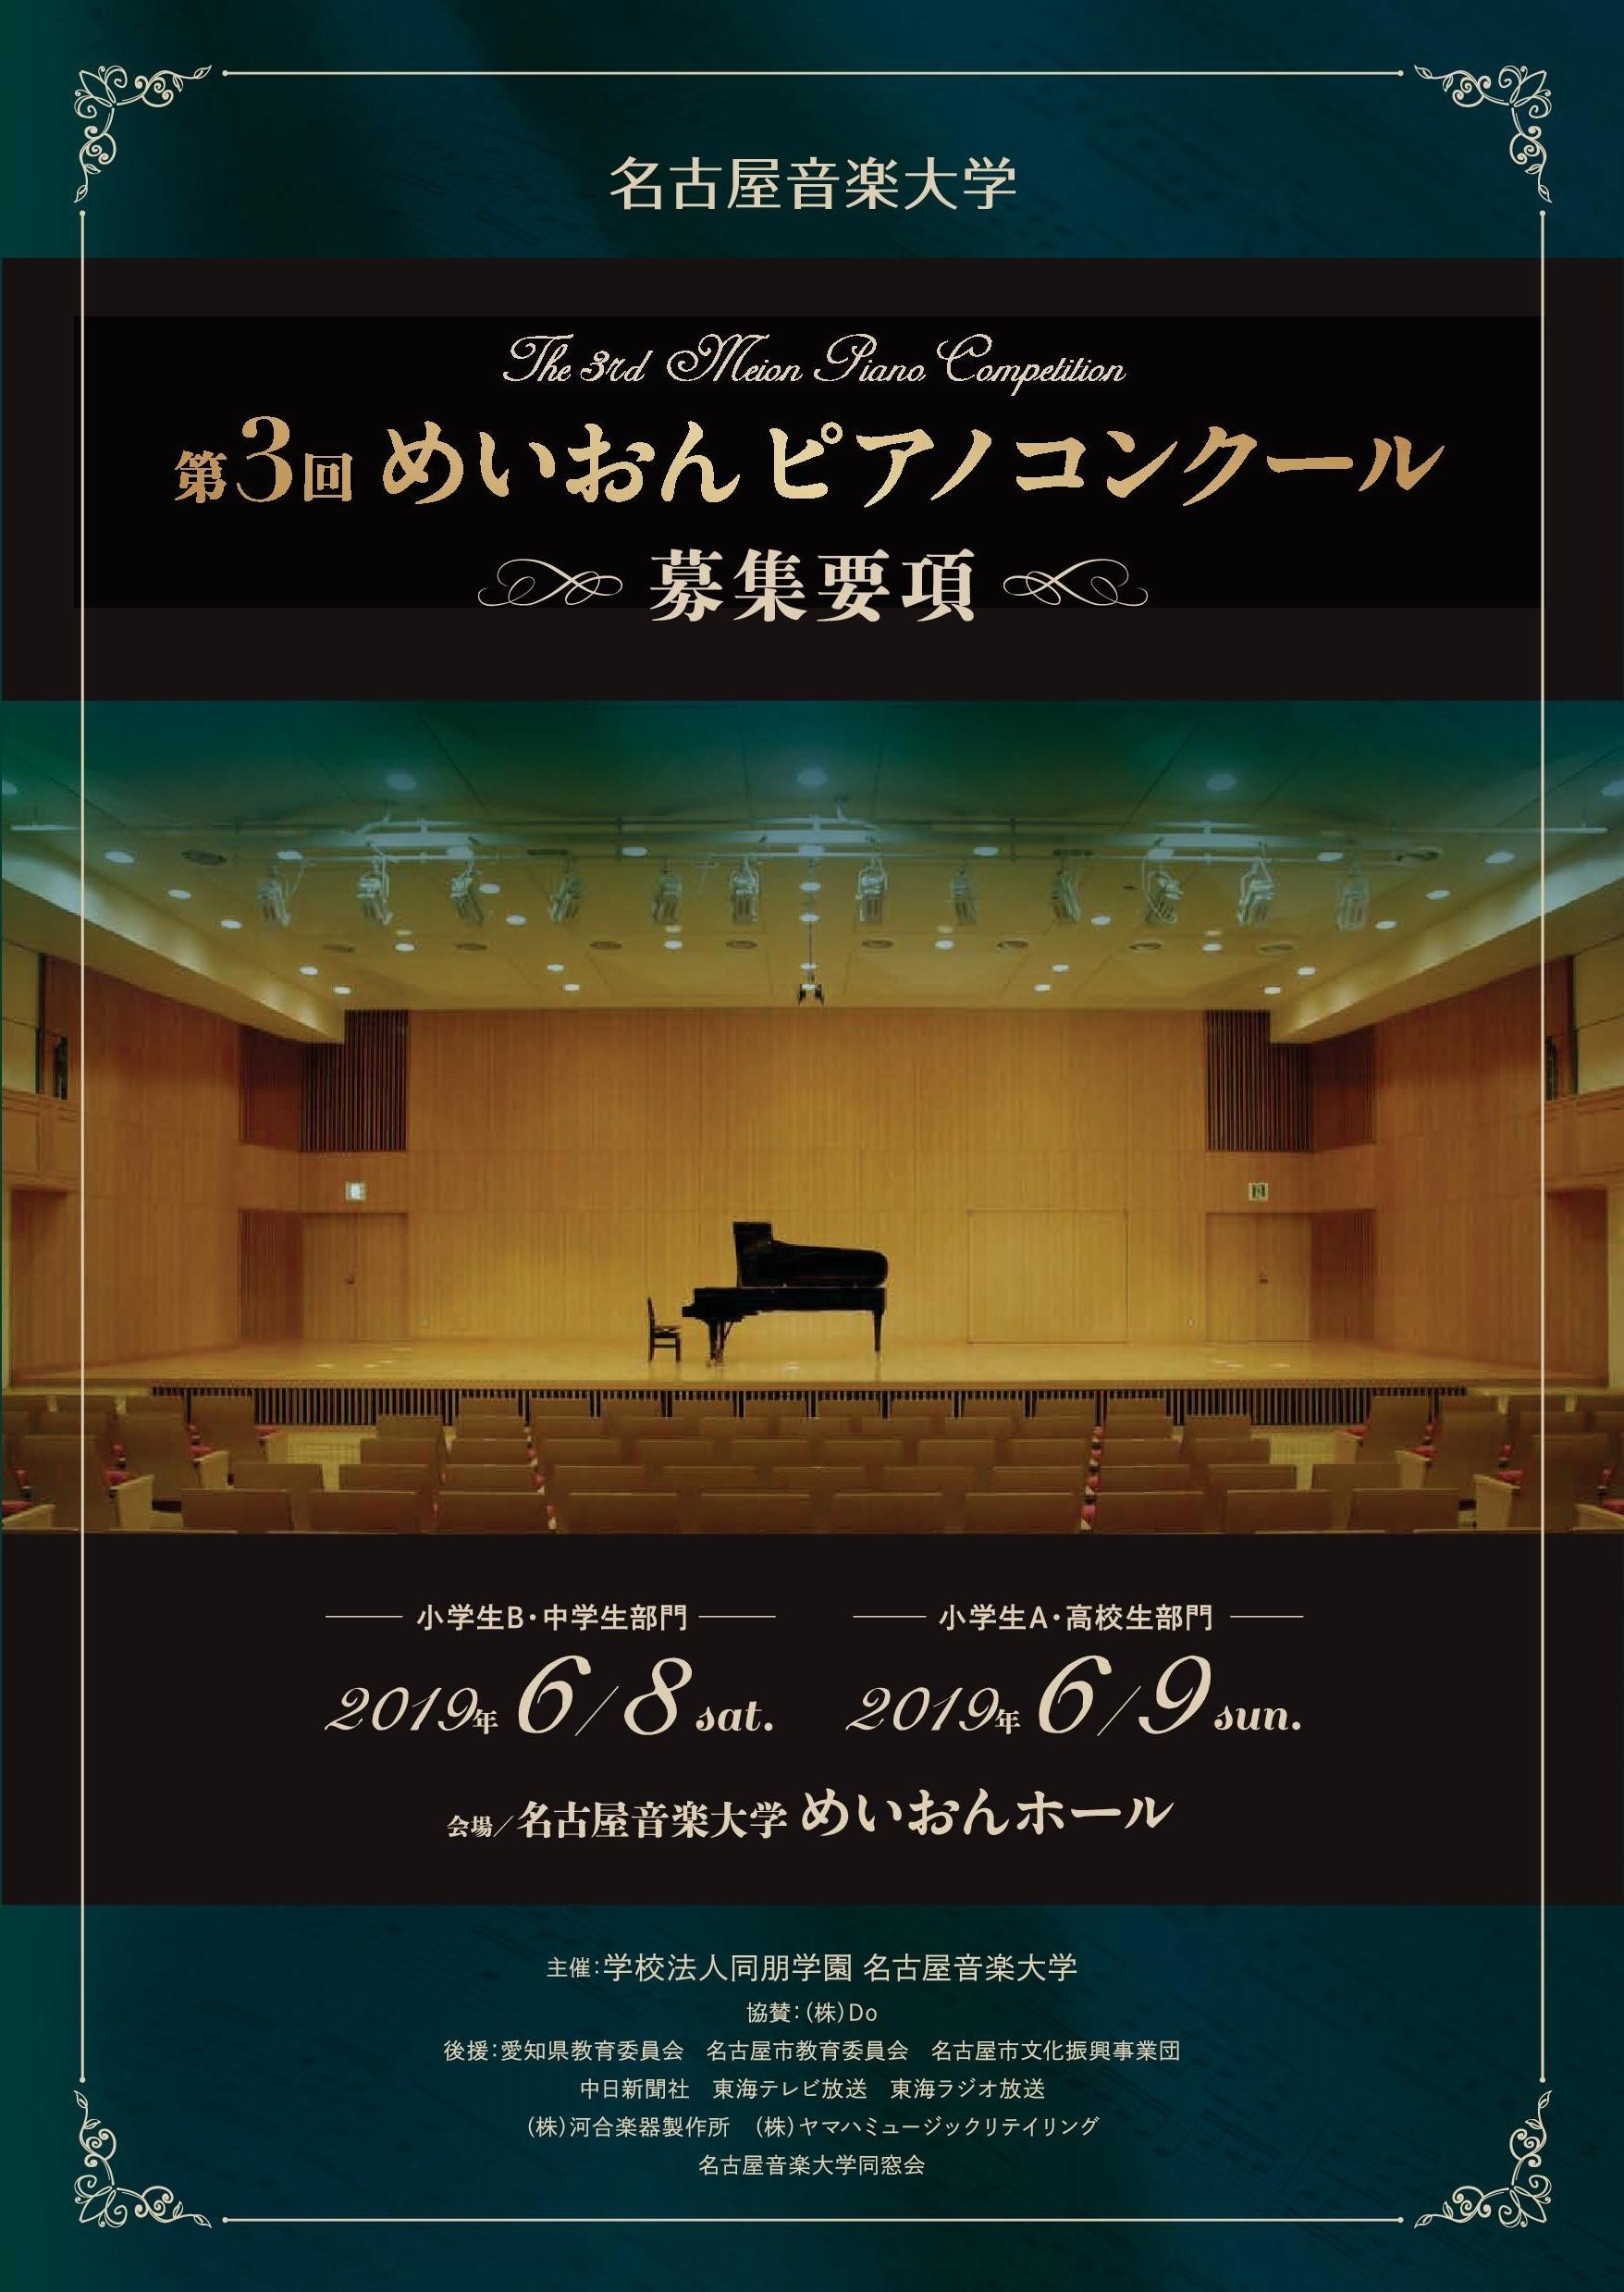 ピアノ コンクール 愛知